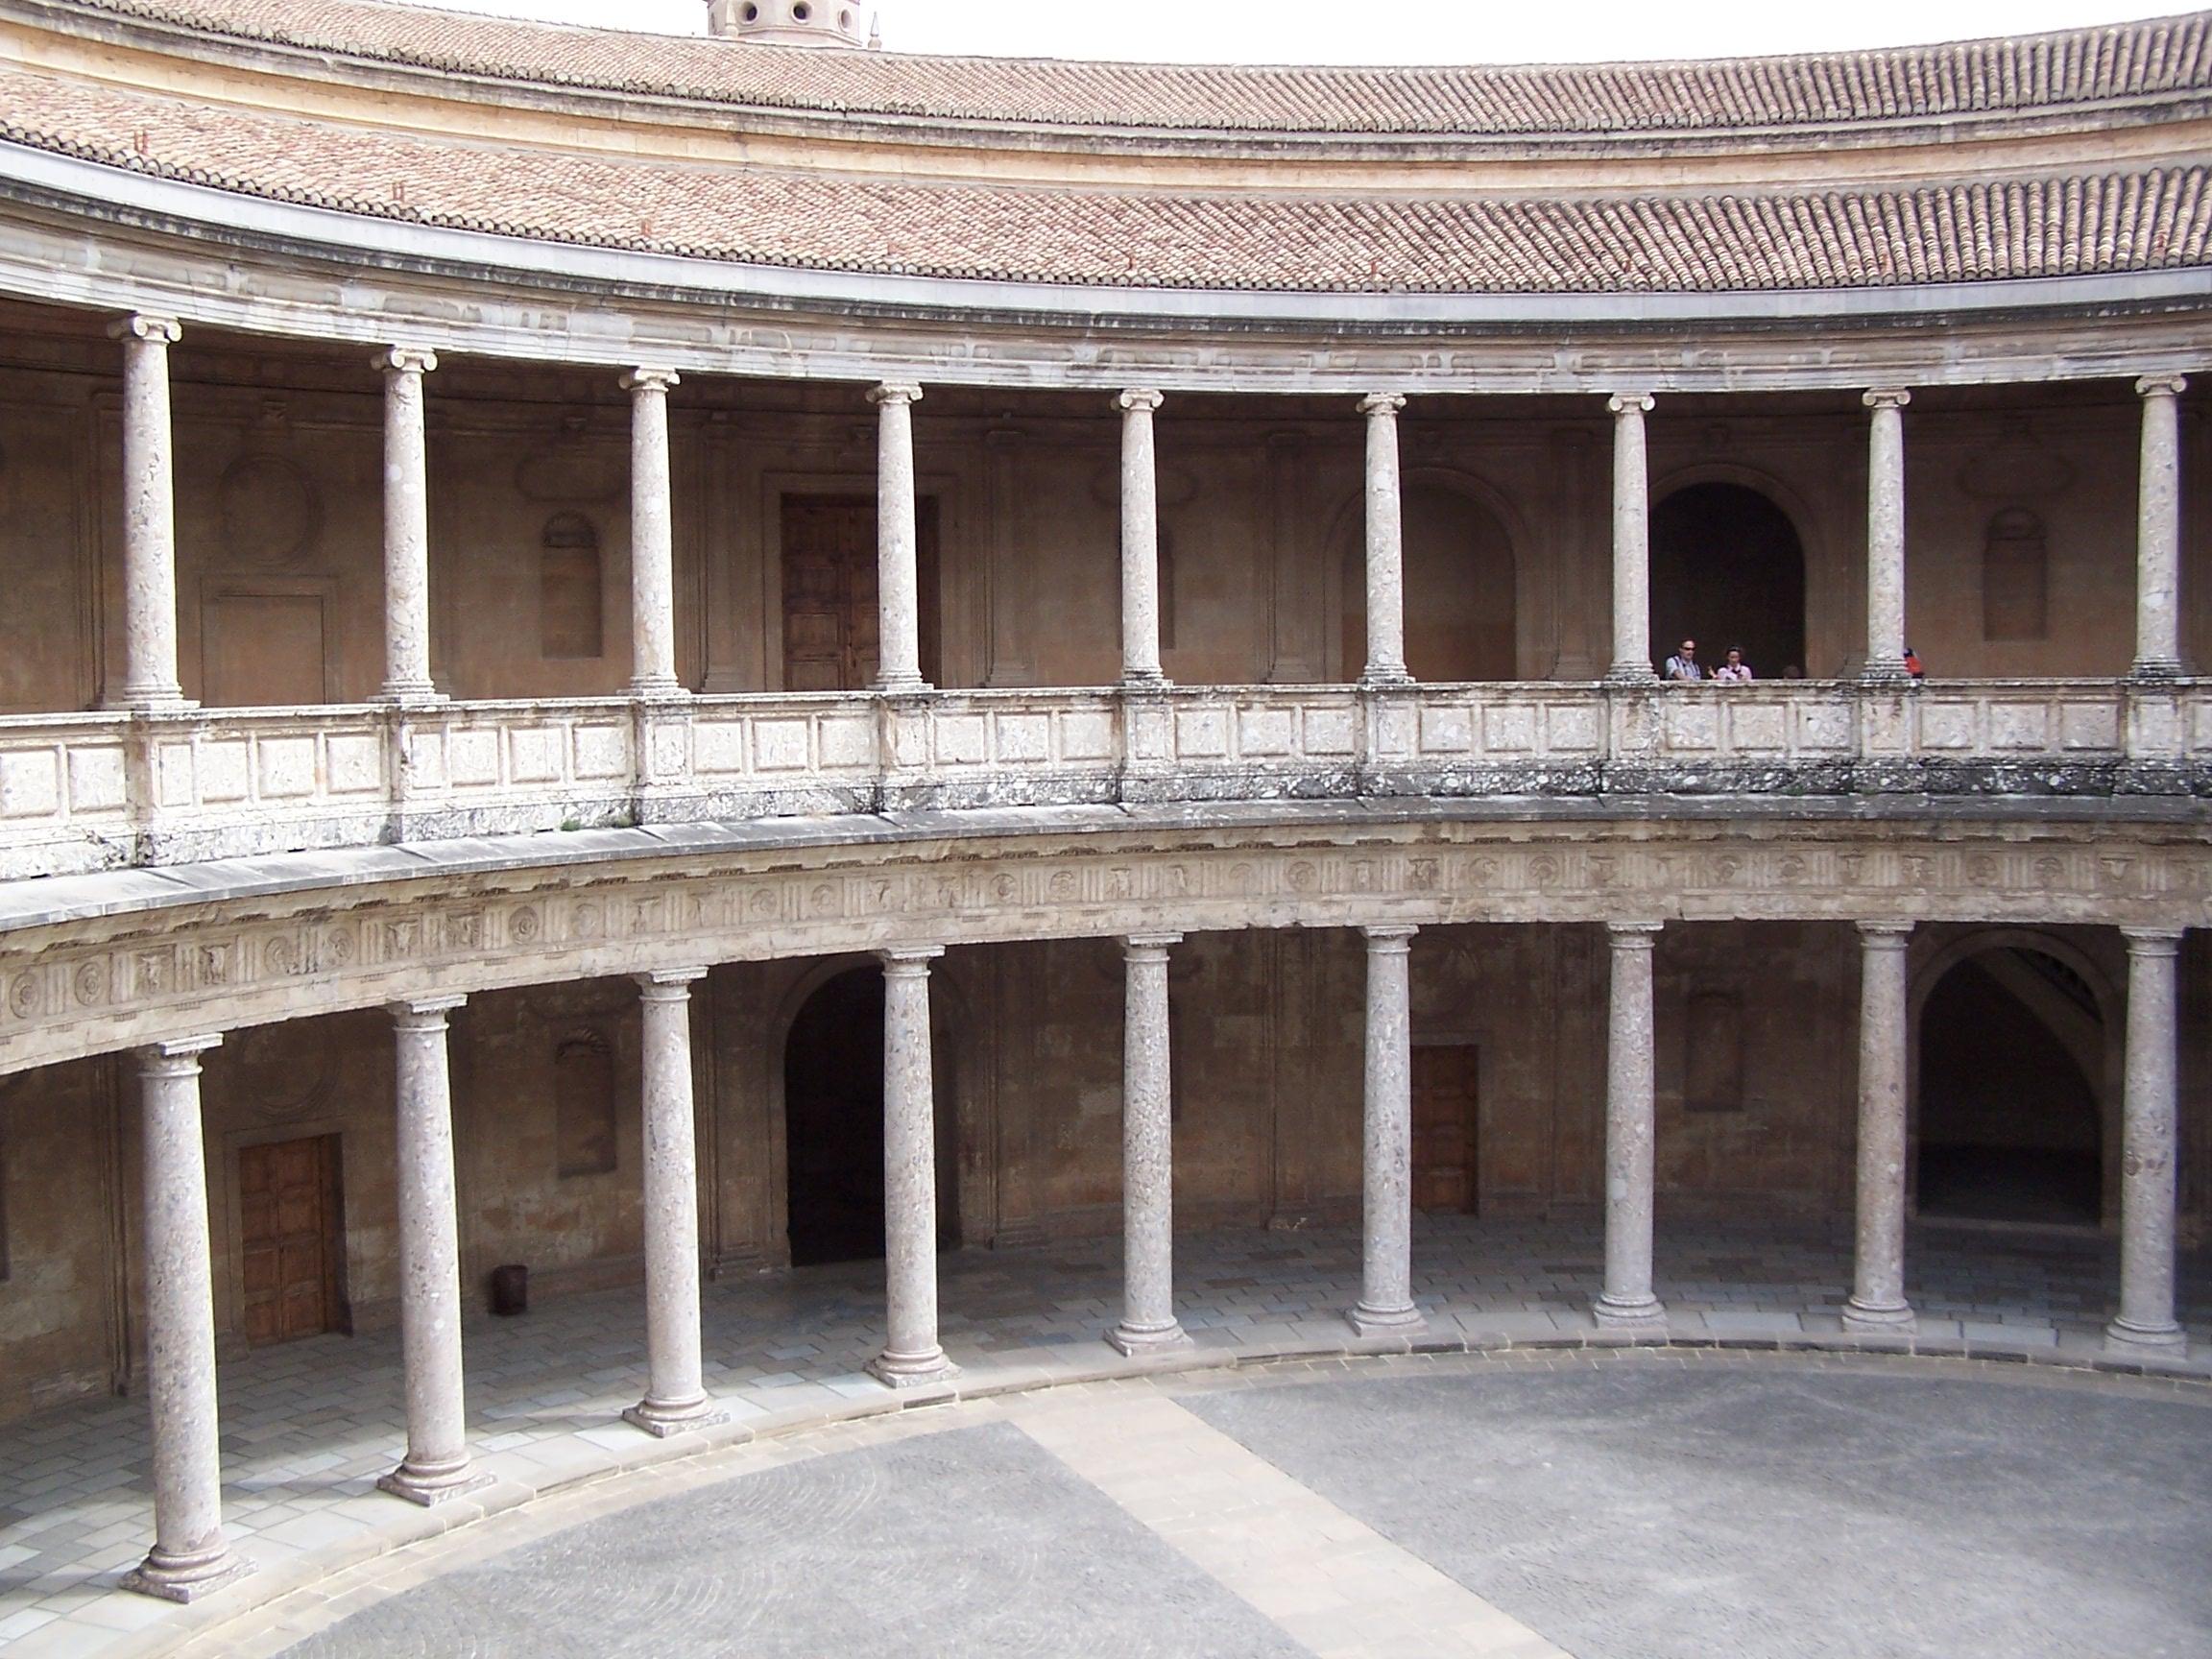 Granada_Alhambra_Palacio_Carlos_V_Interior